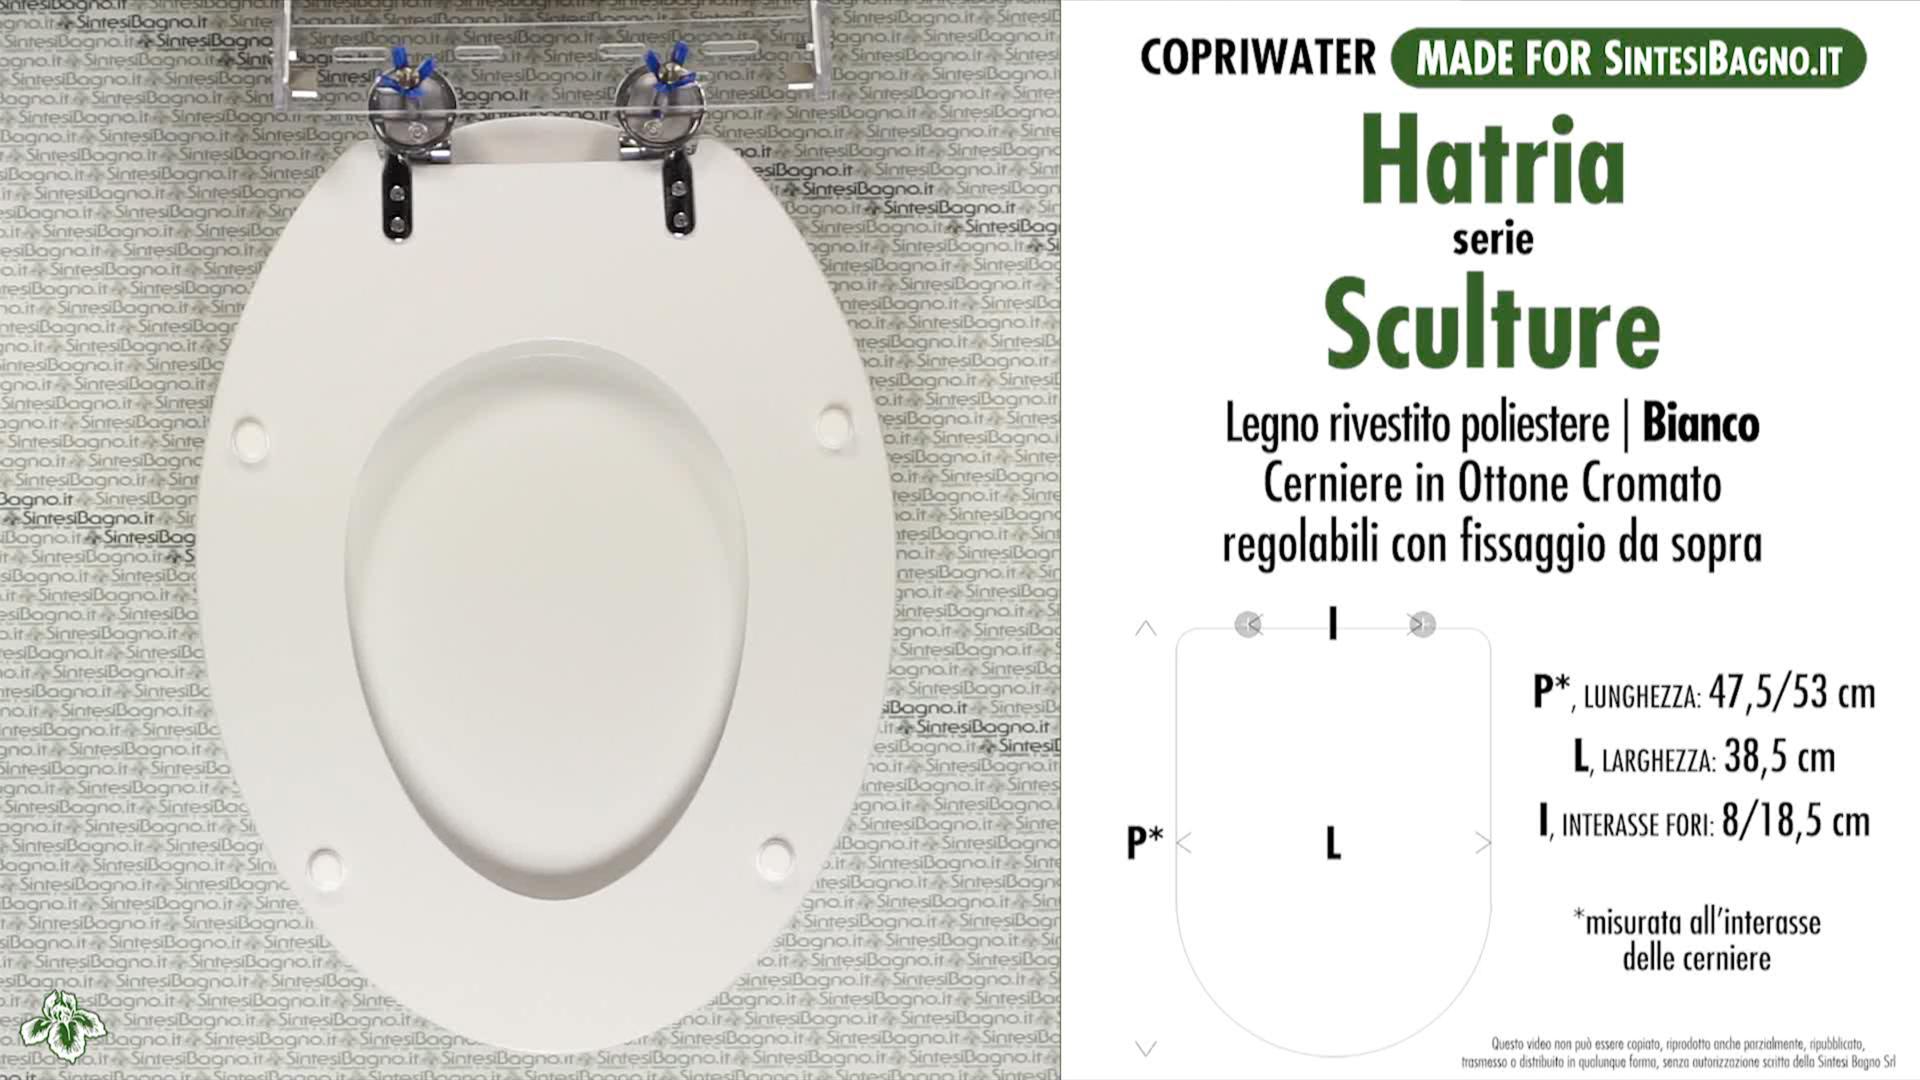 SCHEDA TECNICA MISURE copriwater HATRIA SCULTURE